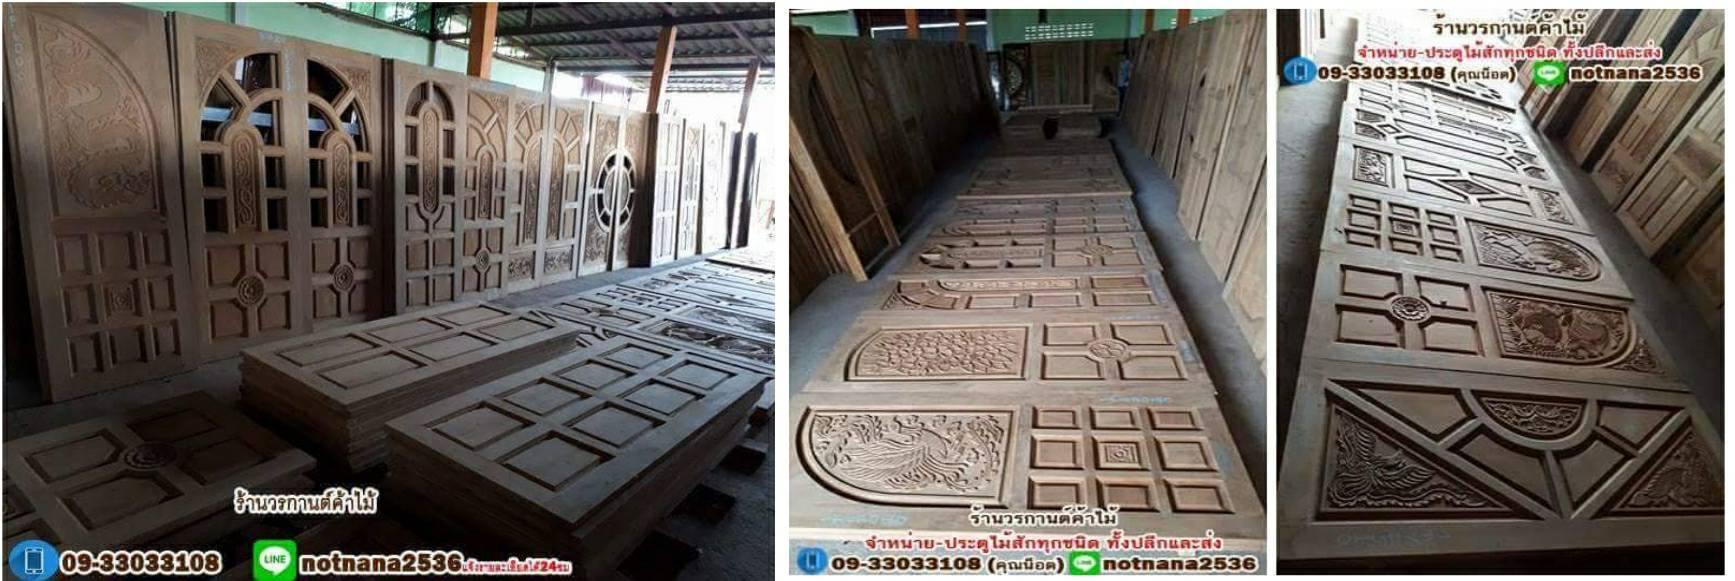 ผลิต ประตูไม้สัก กระจกนิรภัย เน้นคุณภาพ ราคาโรงงาน ร้านวรกานต์ค้าไม้